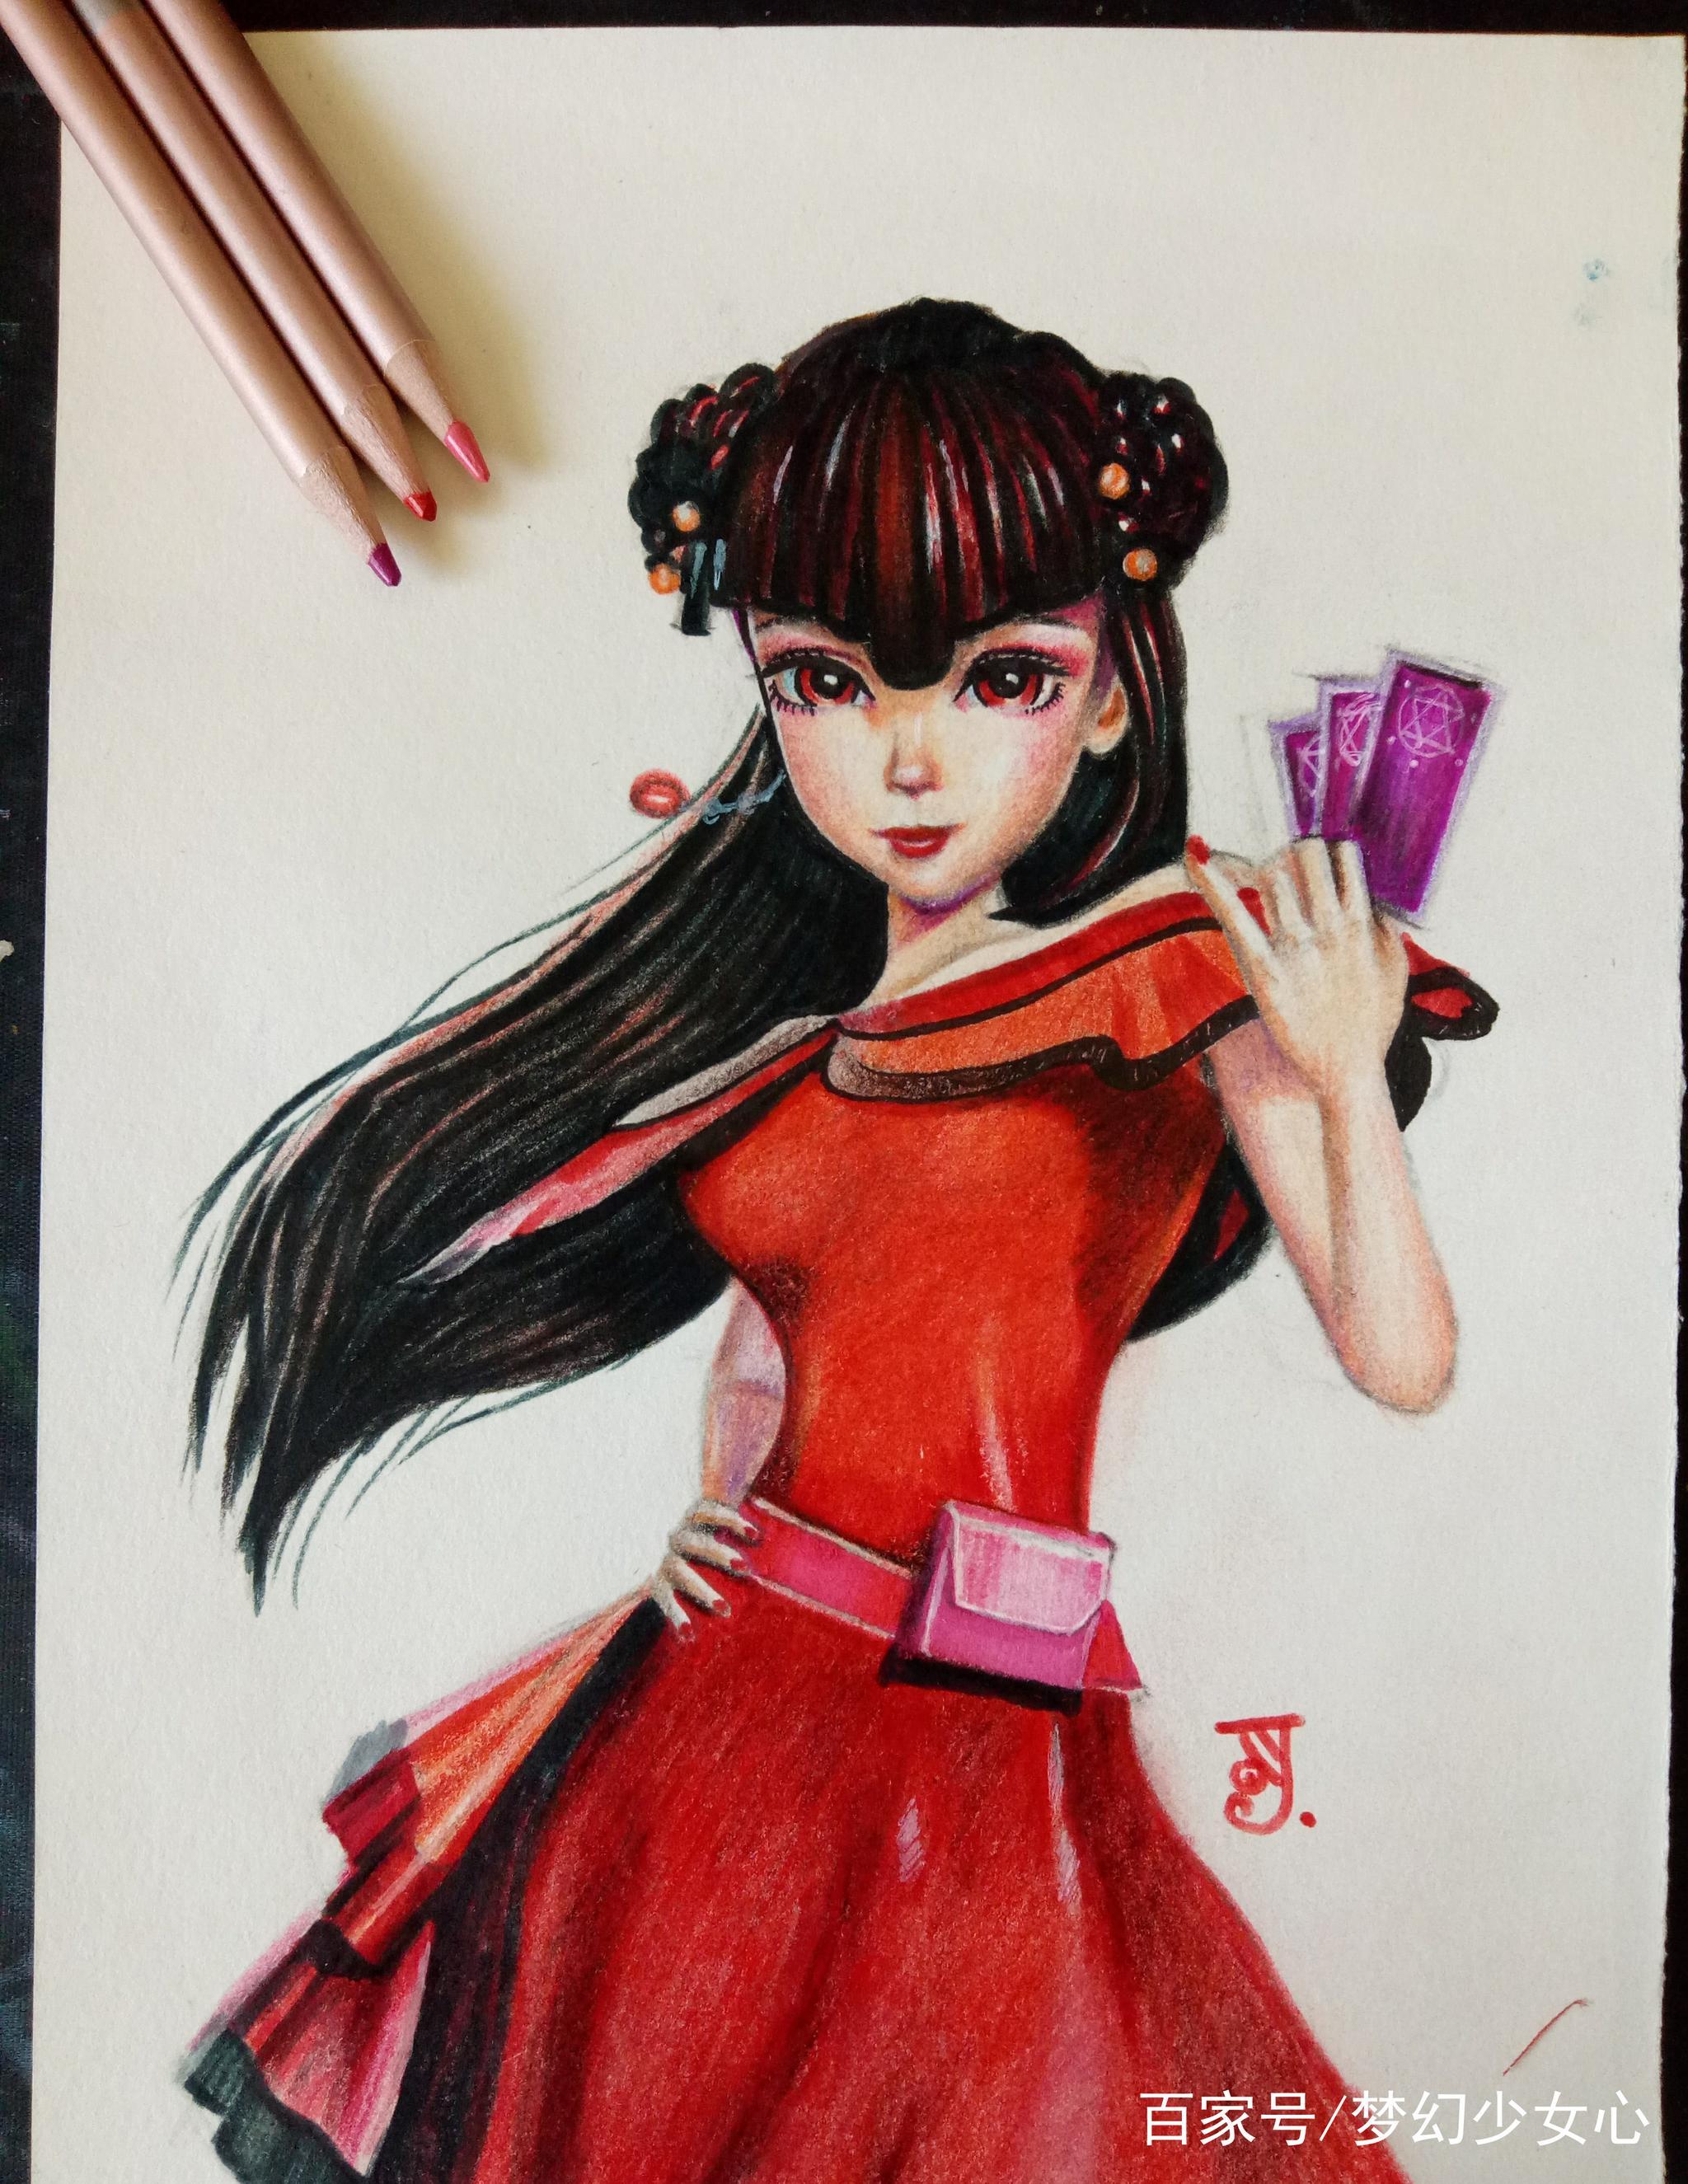 《精灵梦叶罗丽》最逼真手绘画像,花仙子希娜温柔,冰公主最美